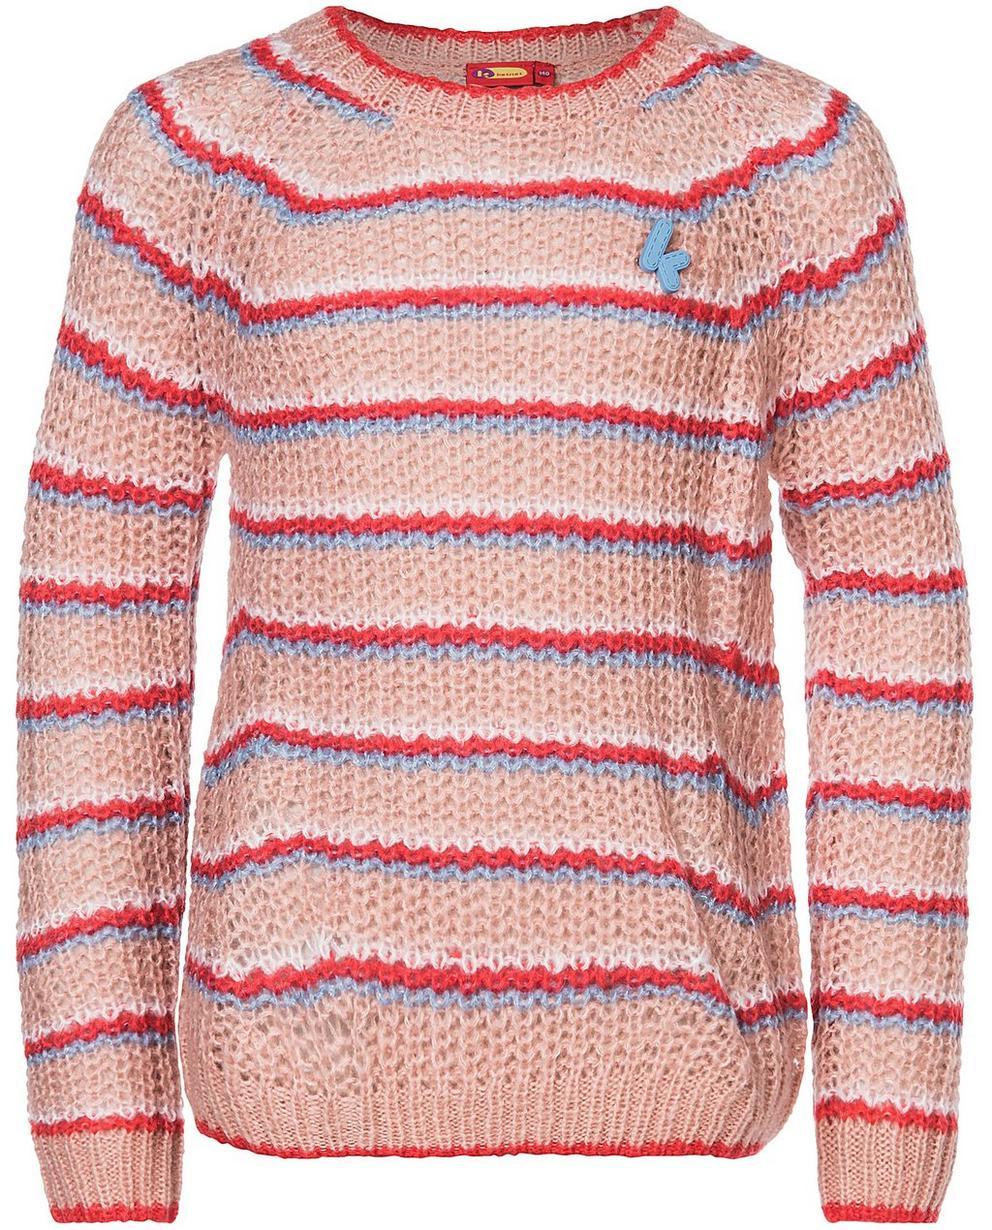 Pullover - AO1 - Gestreifter Pullover aus einer Wollmischung